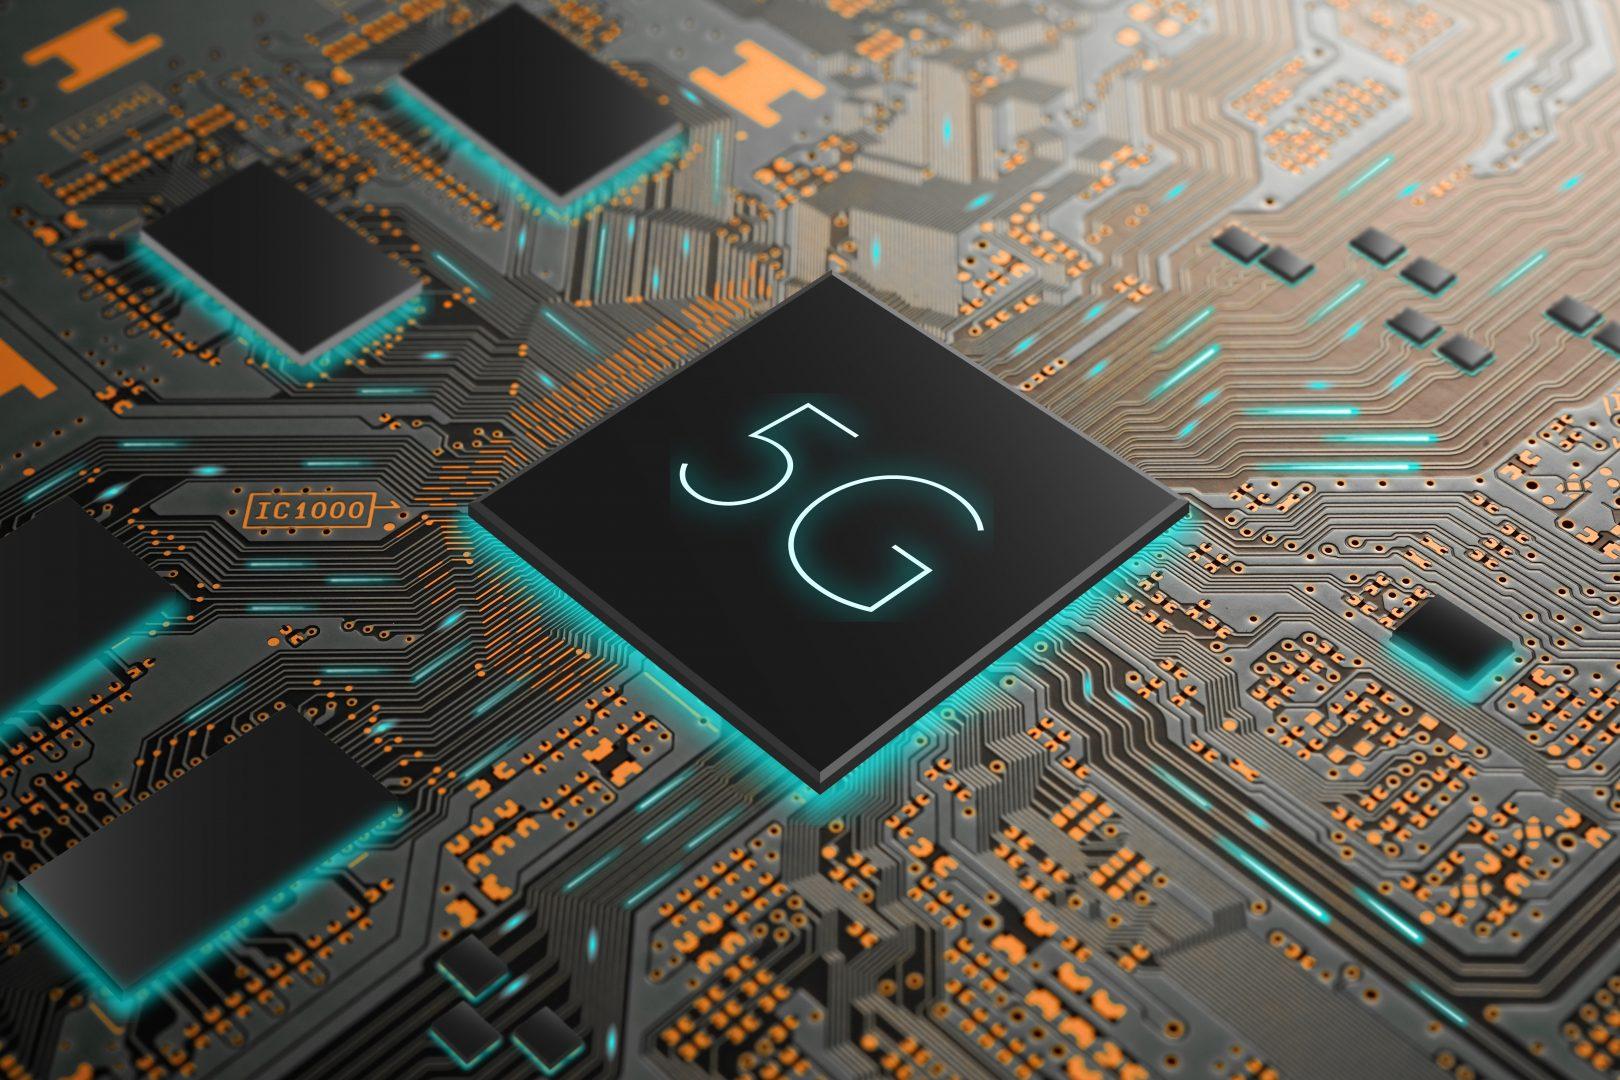 Процесор Процесорът: Невидимият герой на 5G ULTRA А1 Блог